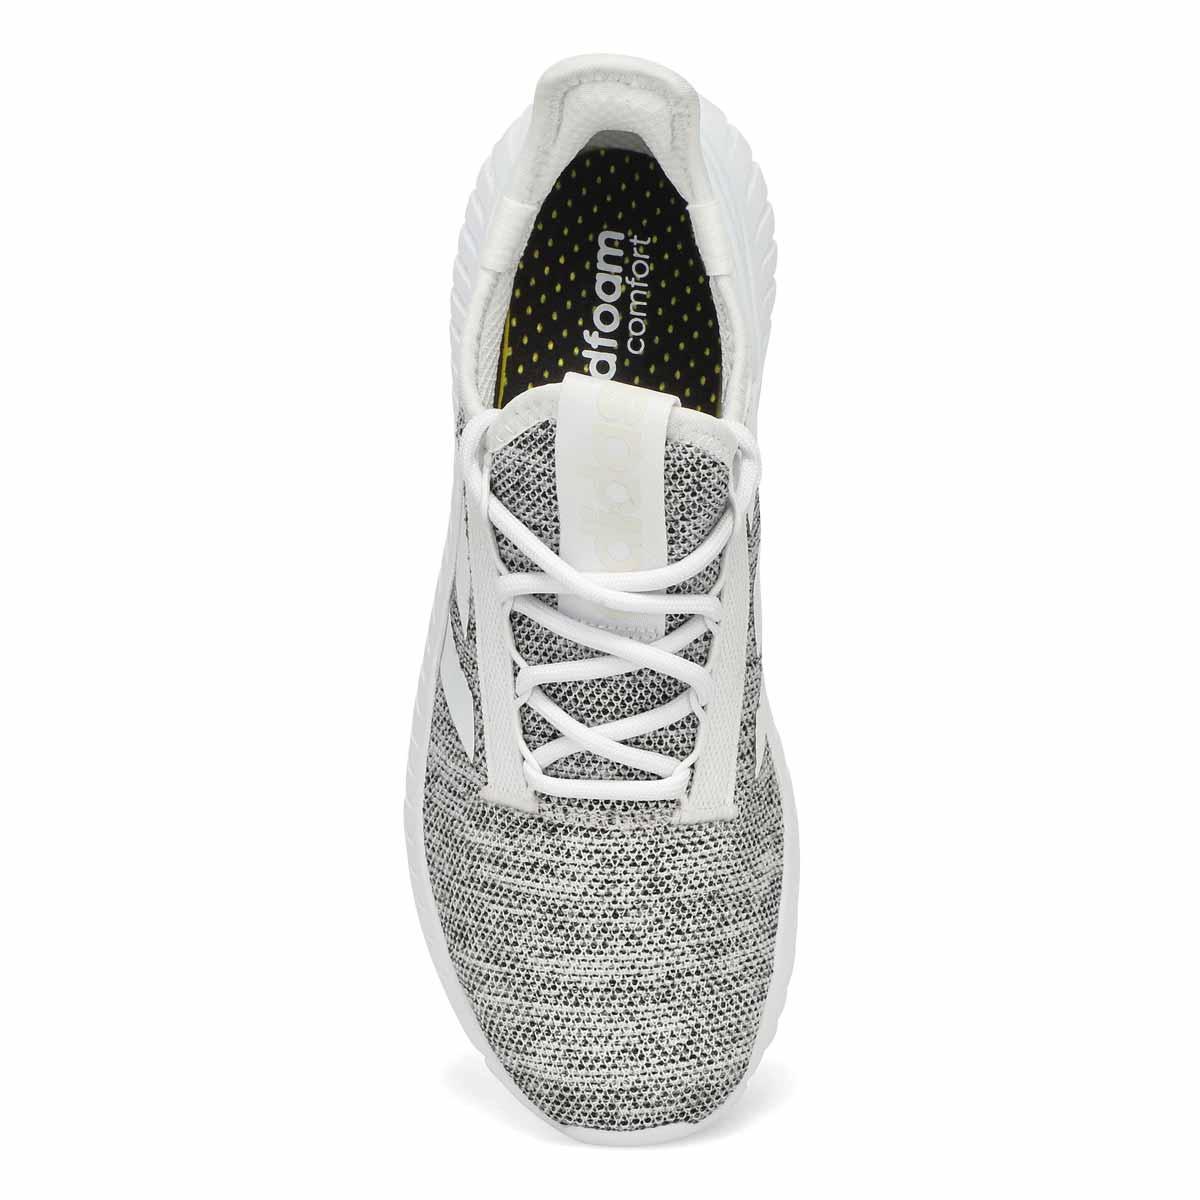 Men's Kaptir 2.0 Running Shoe - White